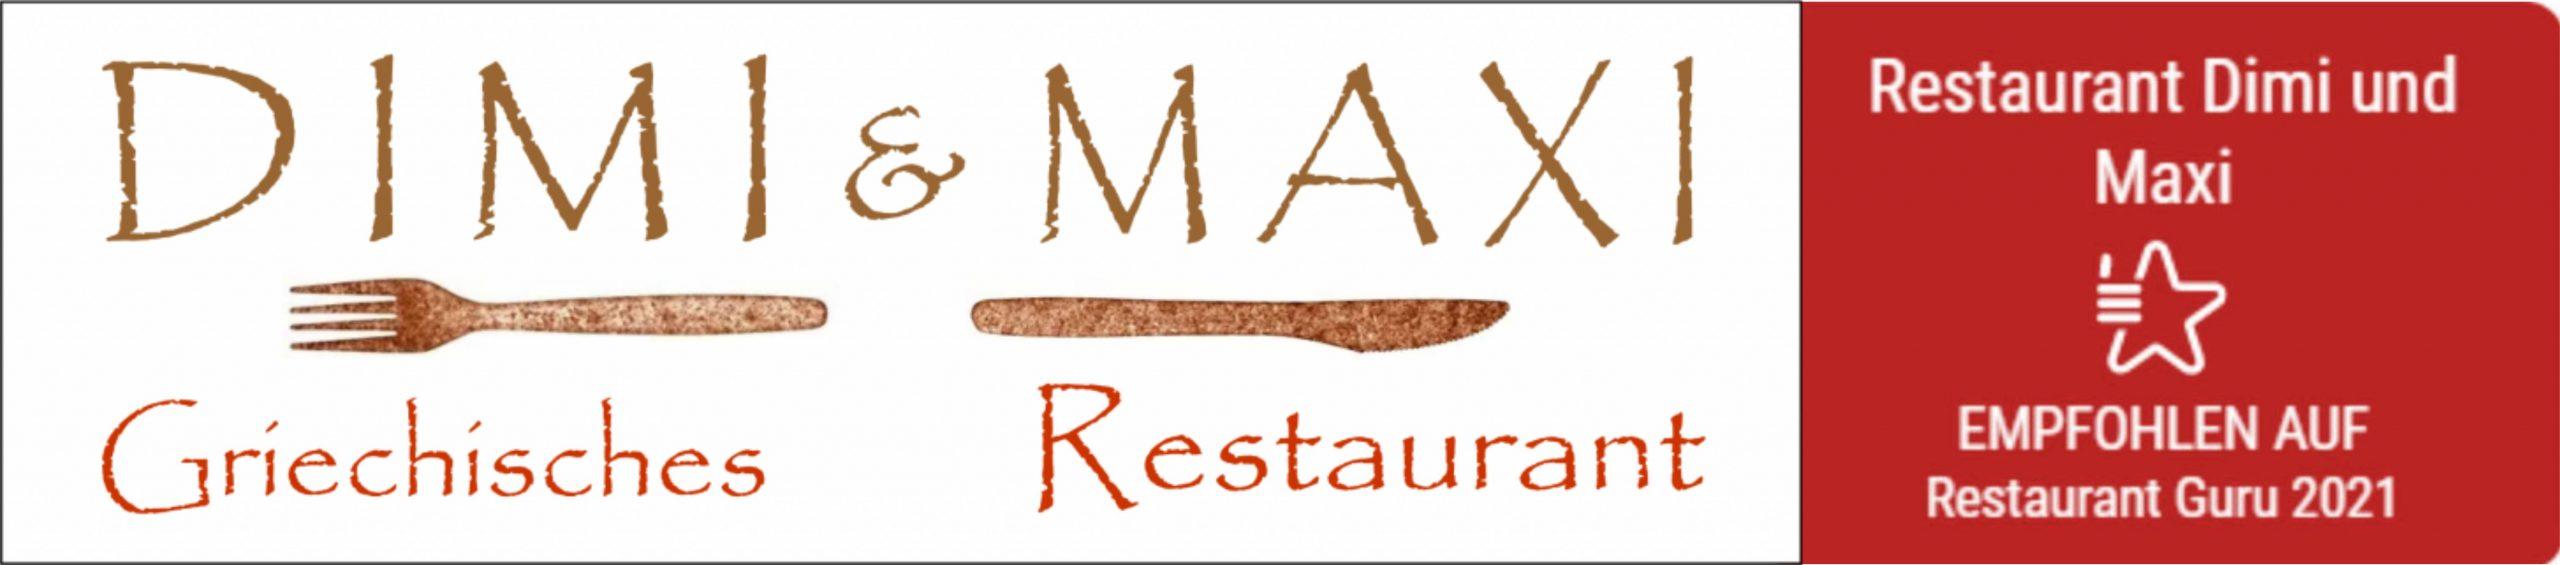 Restaurant Bistro Dimi & Maxi